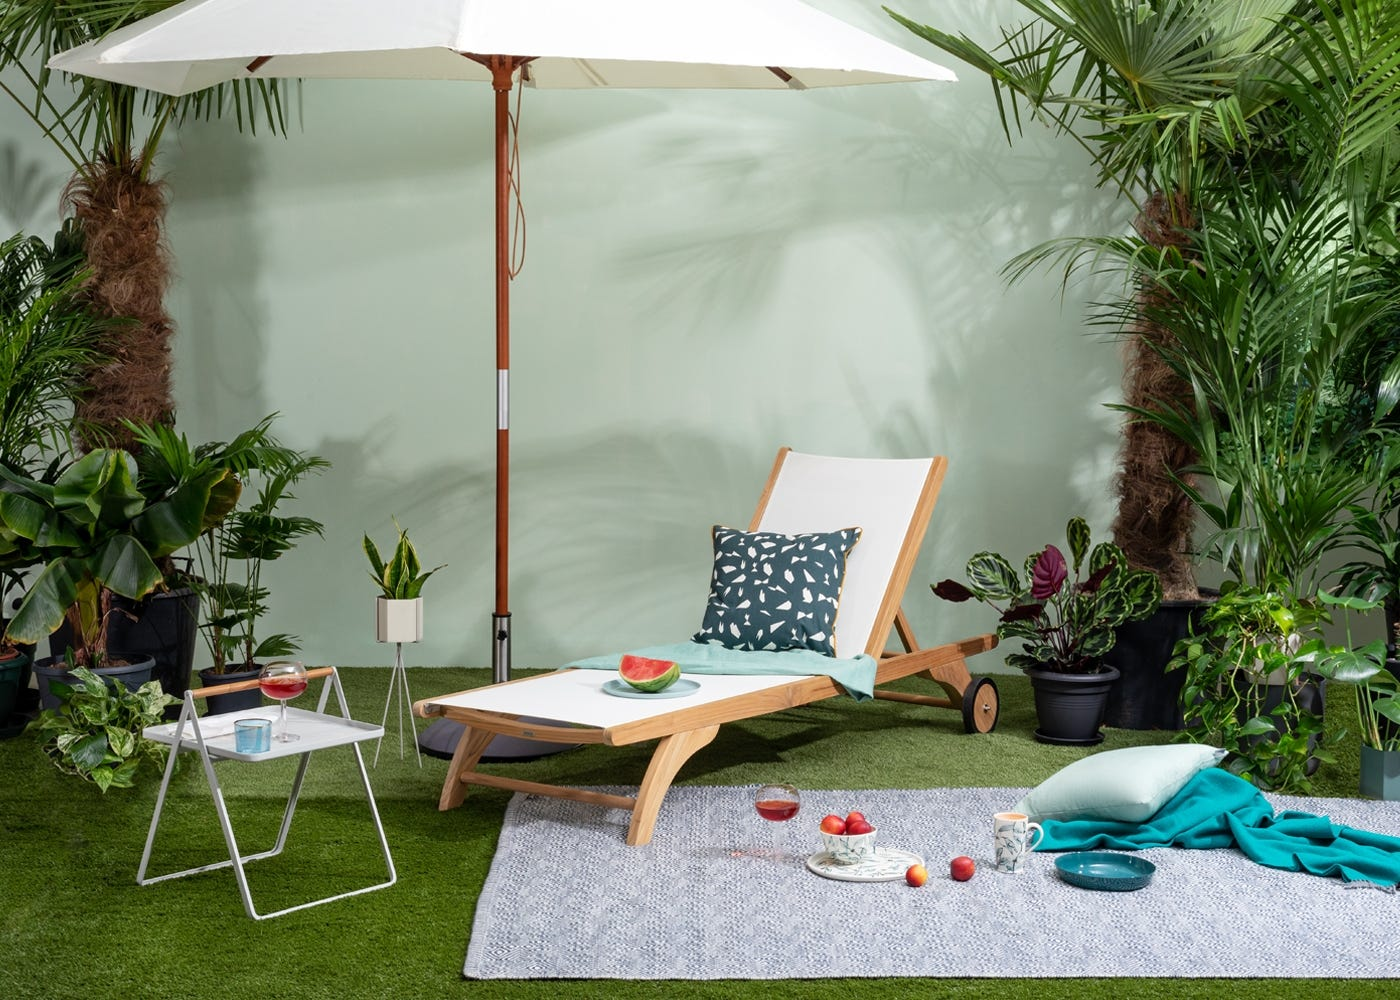 By Your Side Table Light Grey, Columbus Garden Sun Lounger, Catania Garden Umbrella